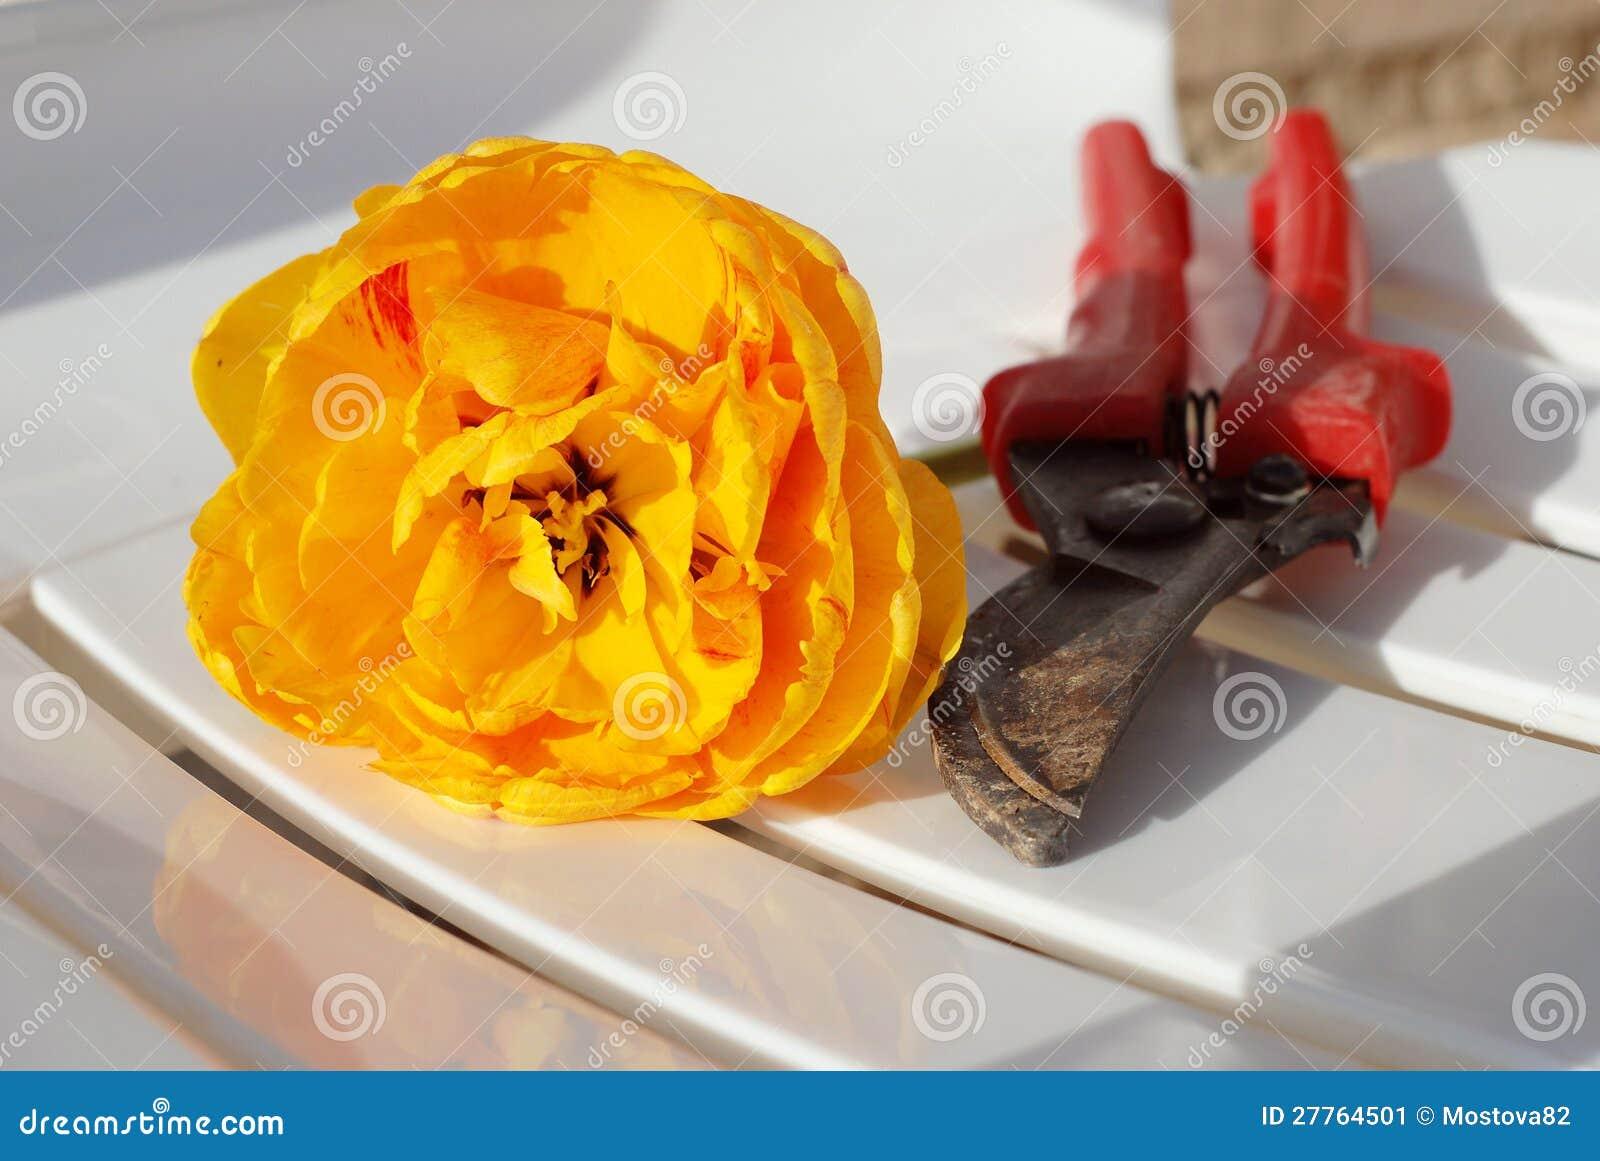 Sécateurs et tulipe d orange de coupure